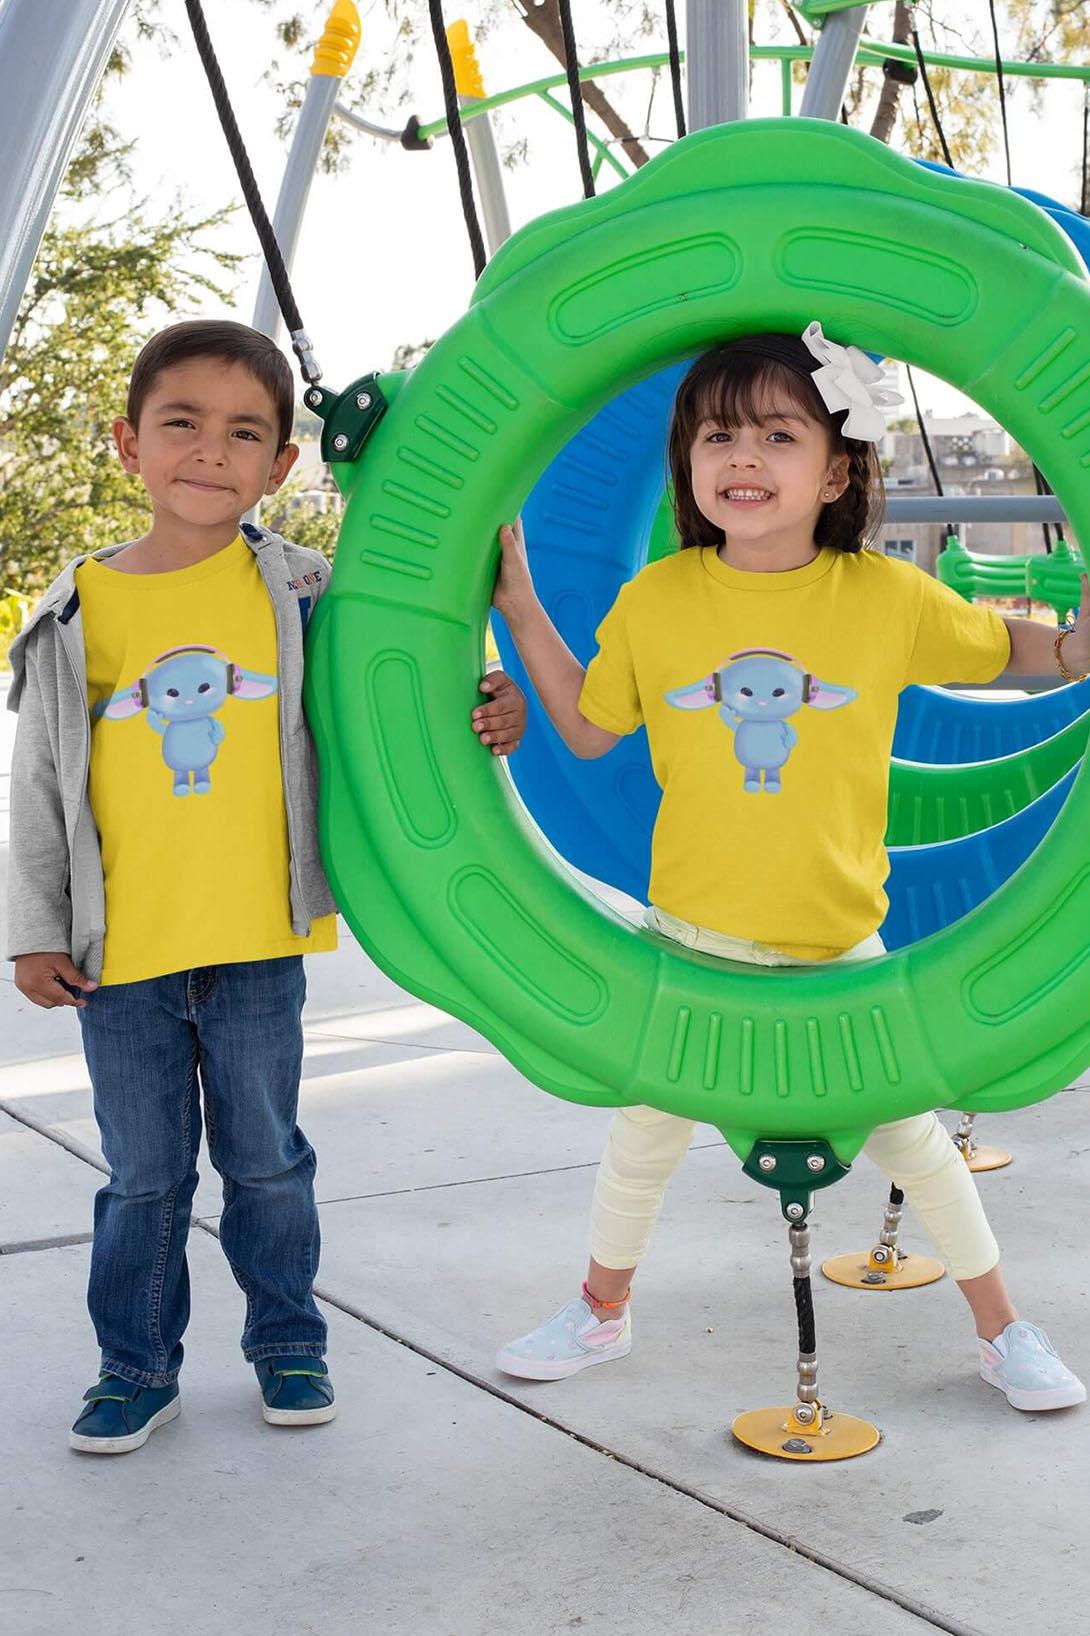 MMO Detské tričko Zajac so slúchadlami Vyberte farbu:: Červená, Detská veľkosť: 122/6 rokov